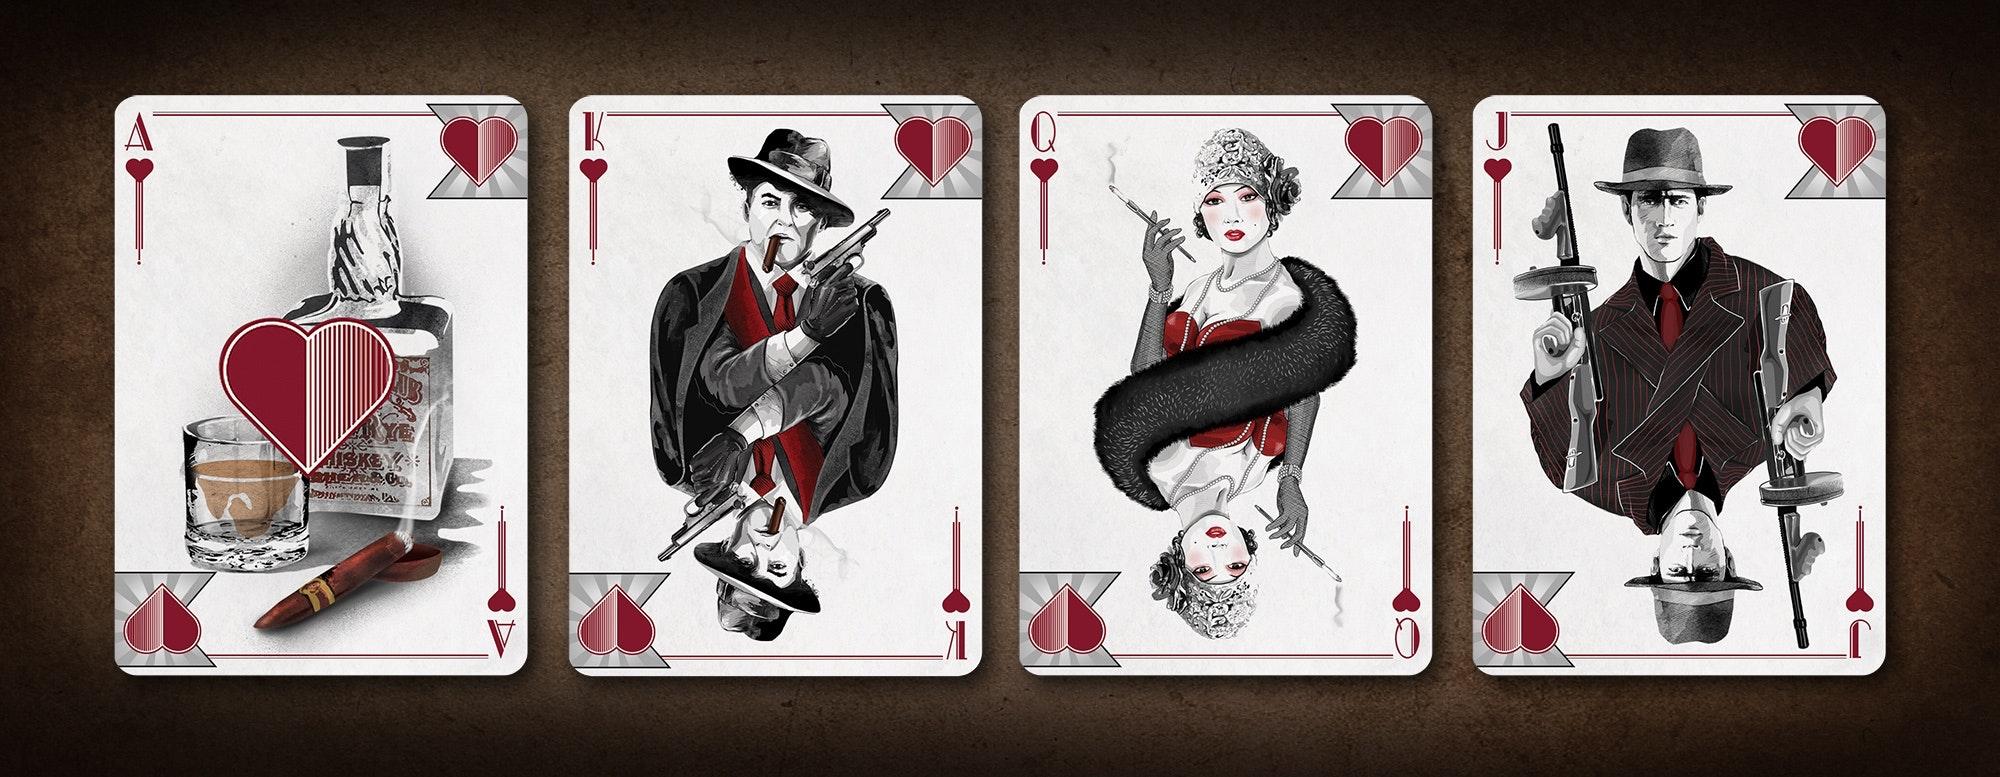 2 gangster design